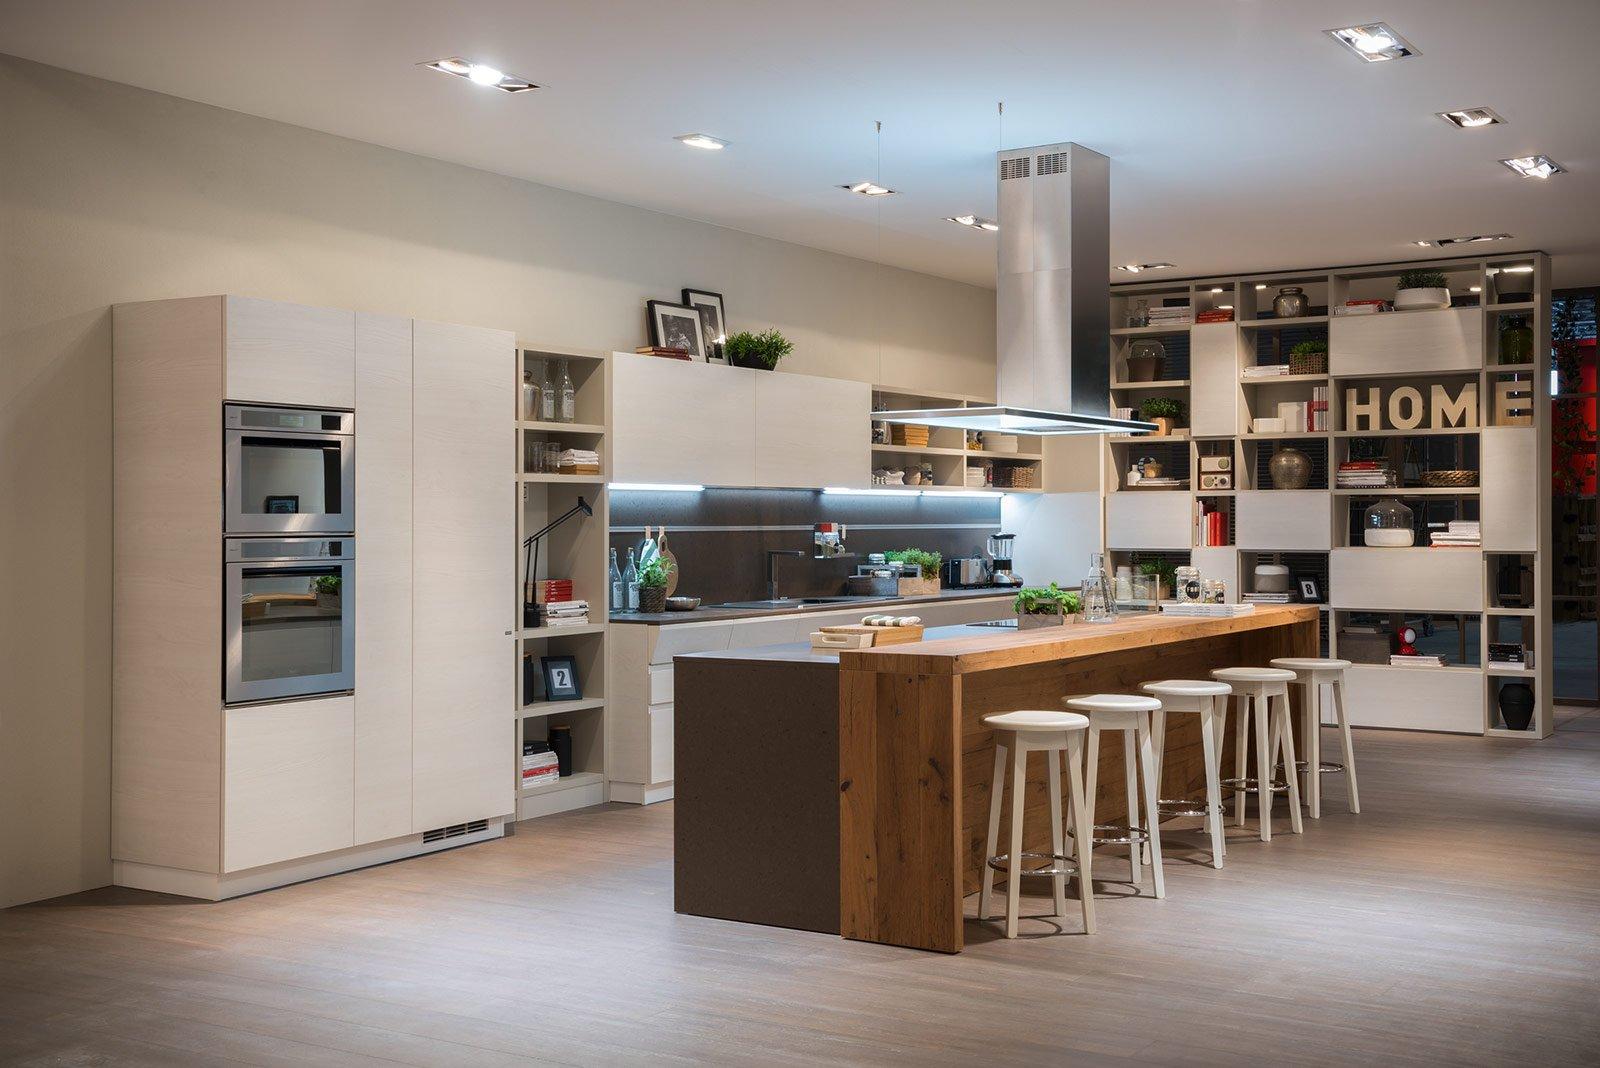 Cucina e soggiorno openspace funzioni divise o spiccata for Immagini per cucina